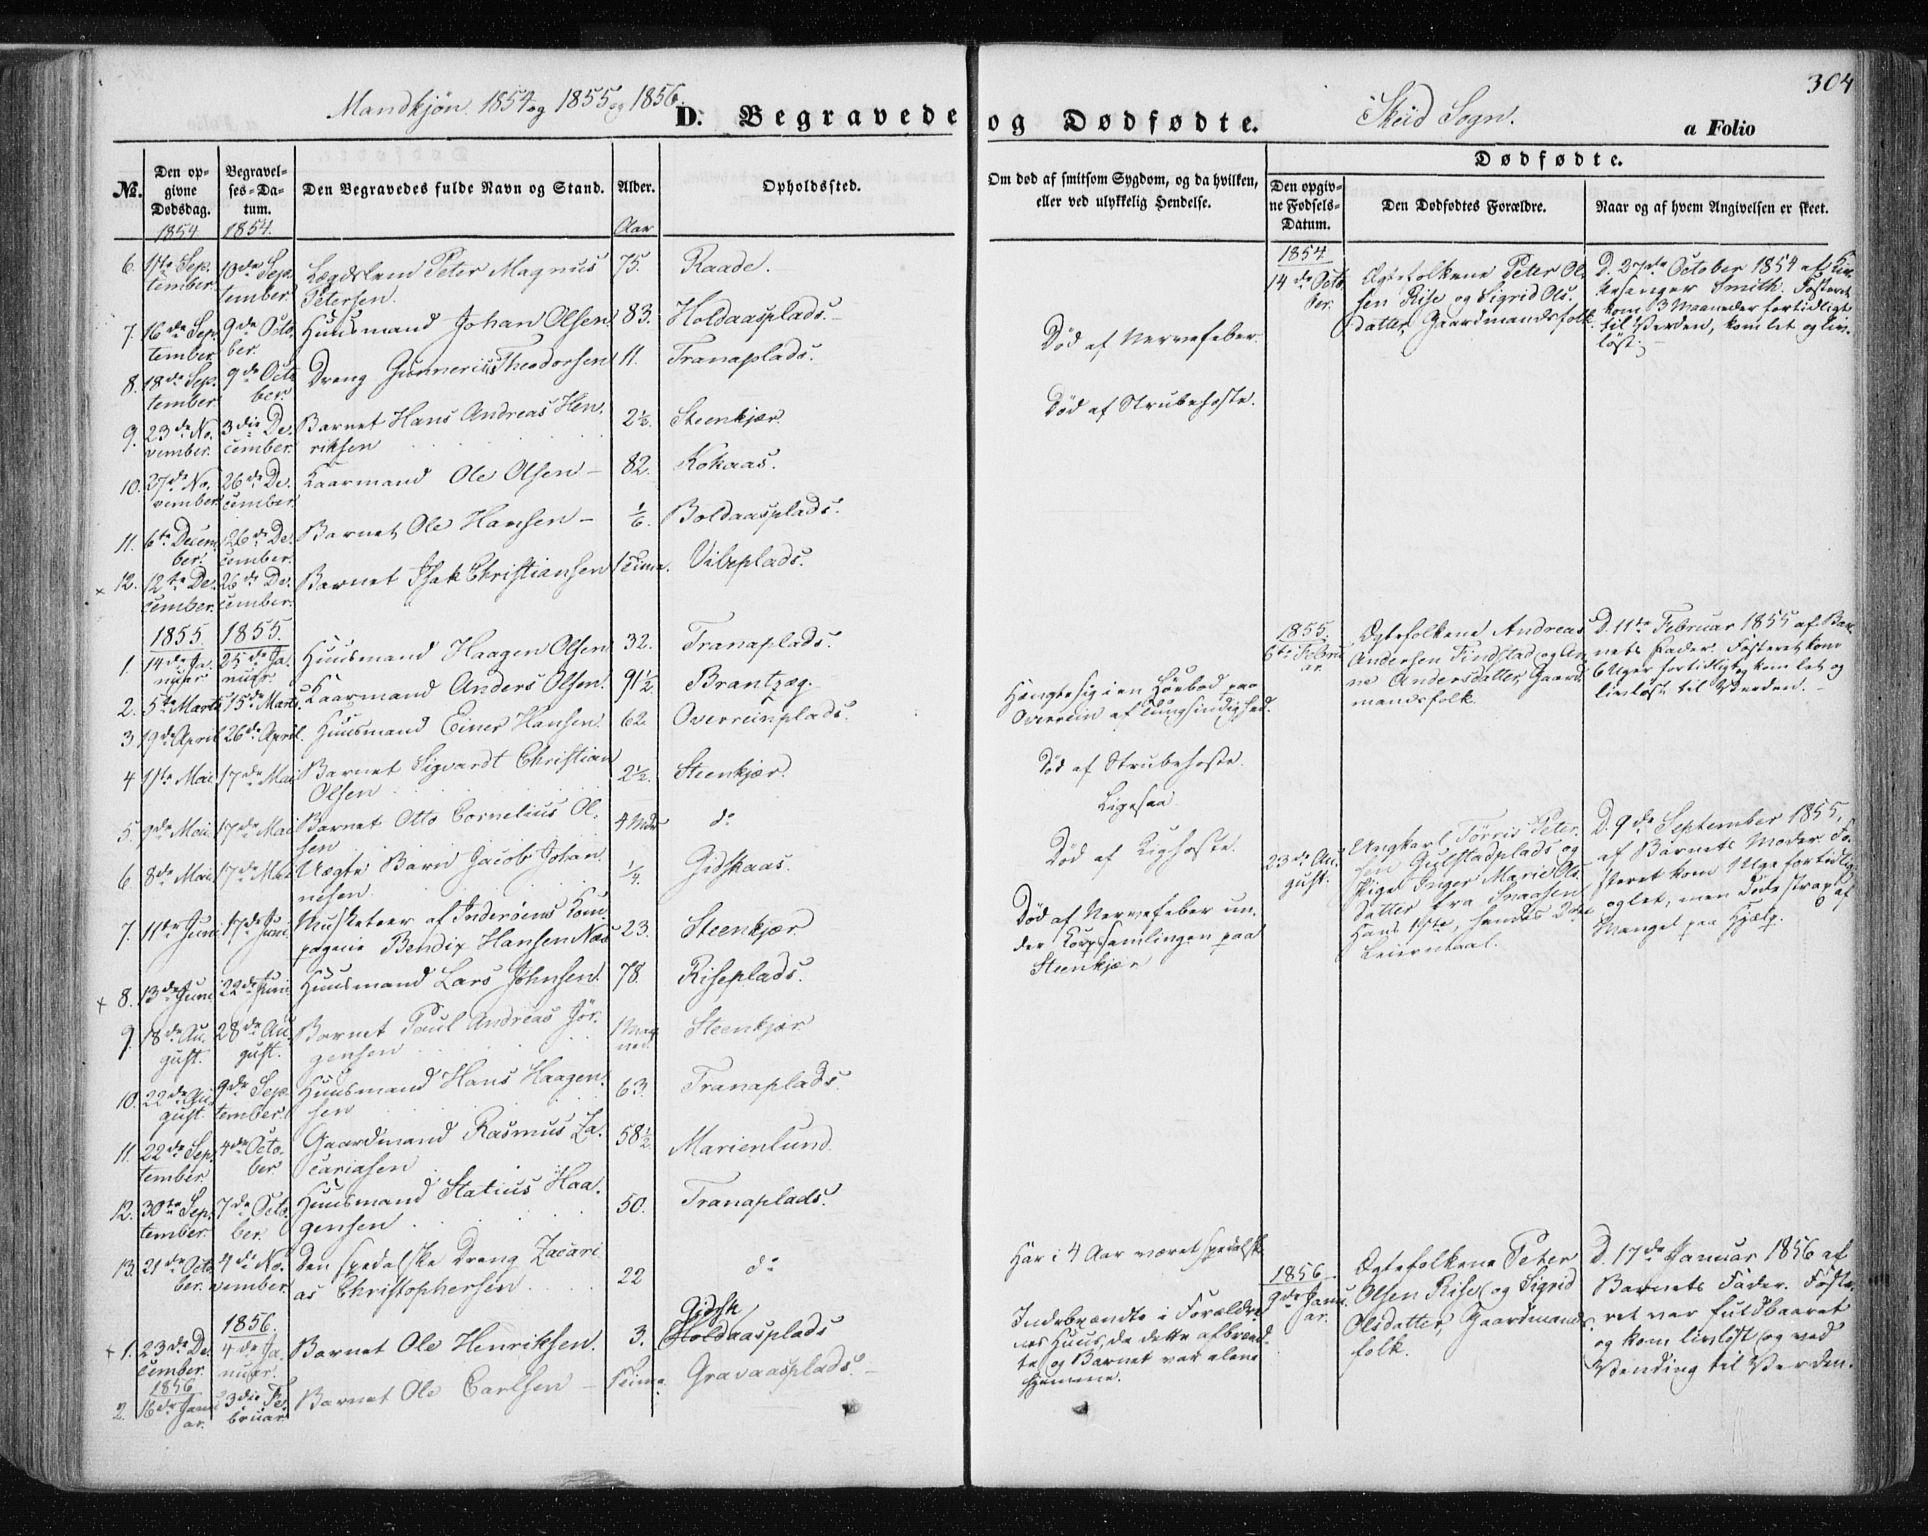 SAT, Ministerialprotokoller, klokkerbøker og fødselsregistre - Nord-Trøndelag, 735/L0342: Ministerialbok nr. 735A07 /2, 1849-1862, s. 304